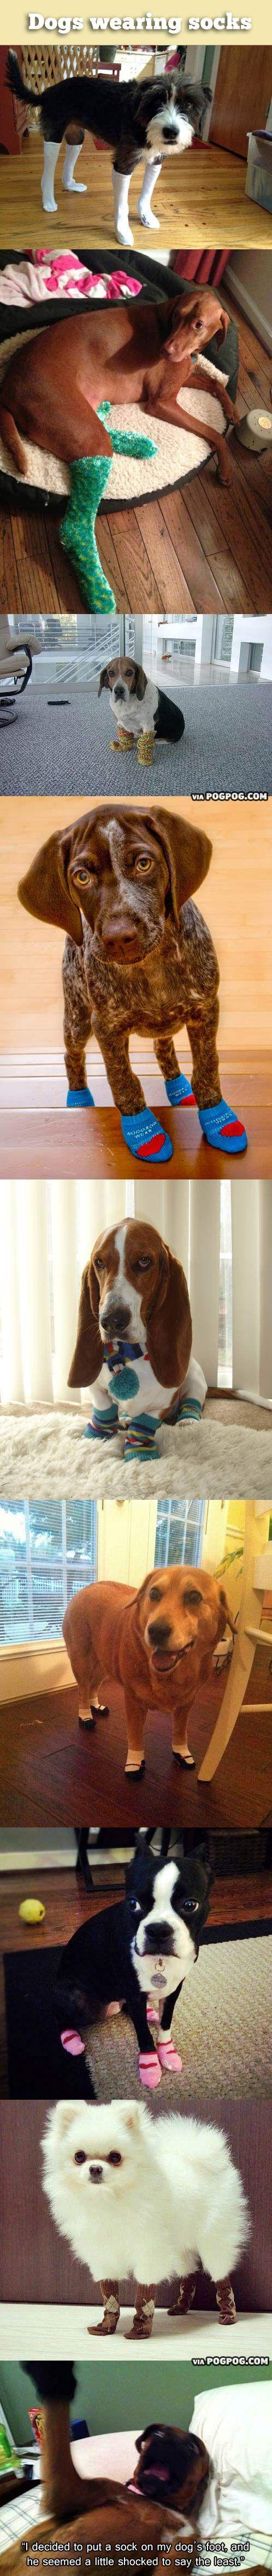 Dogs wearing socks…